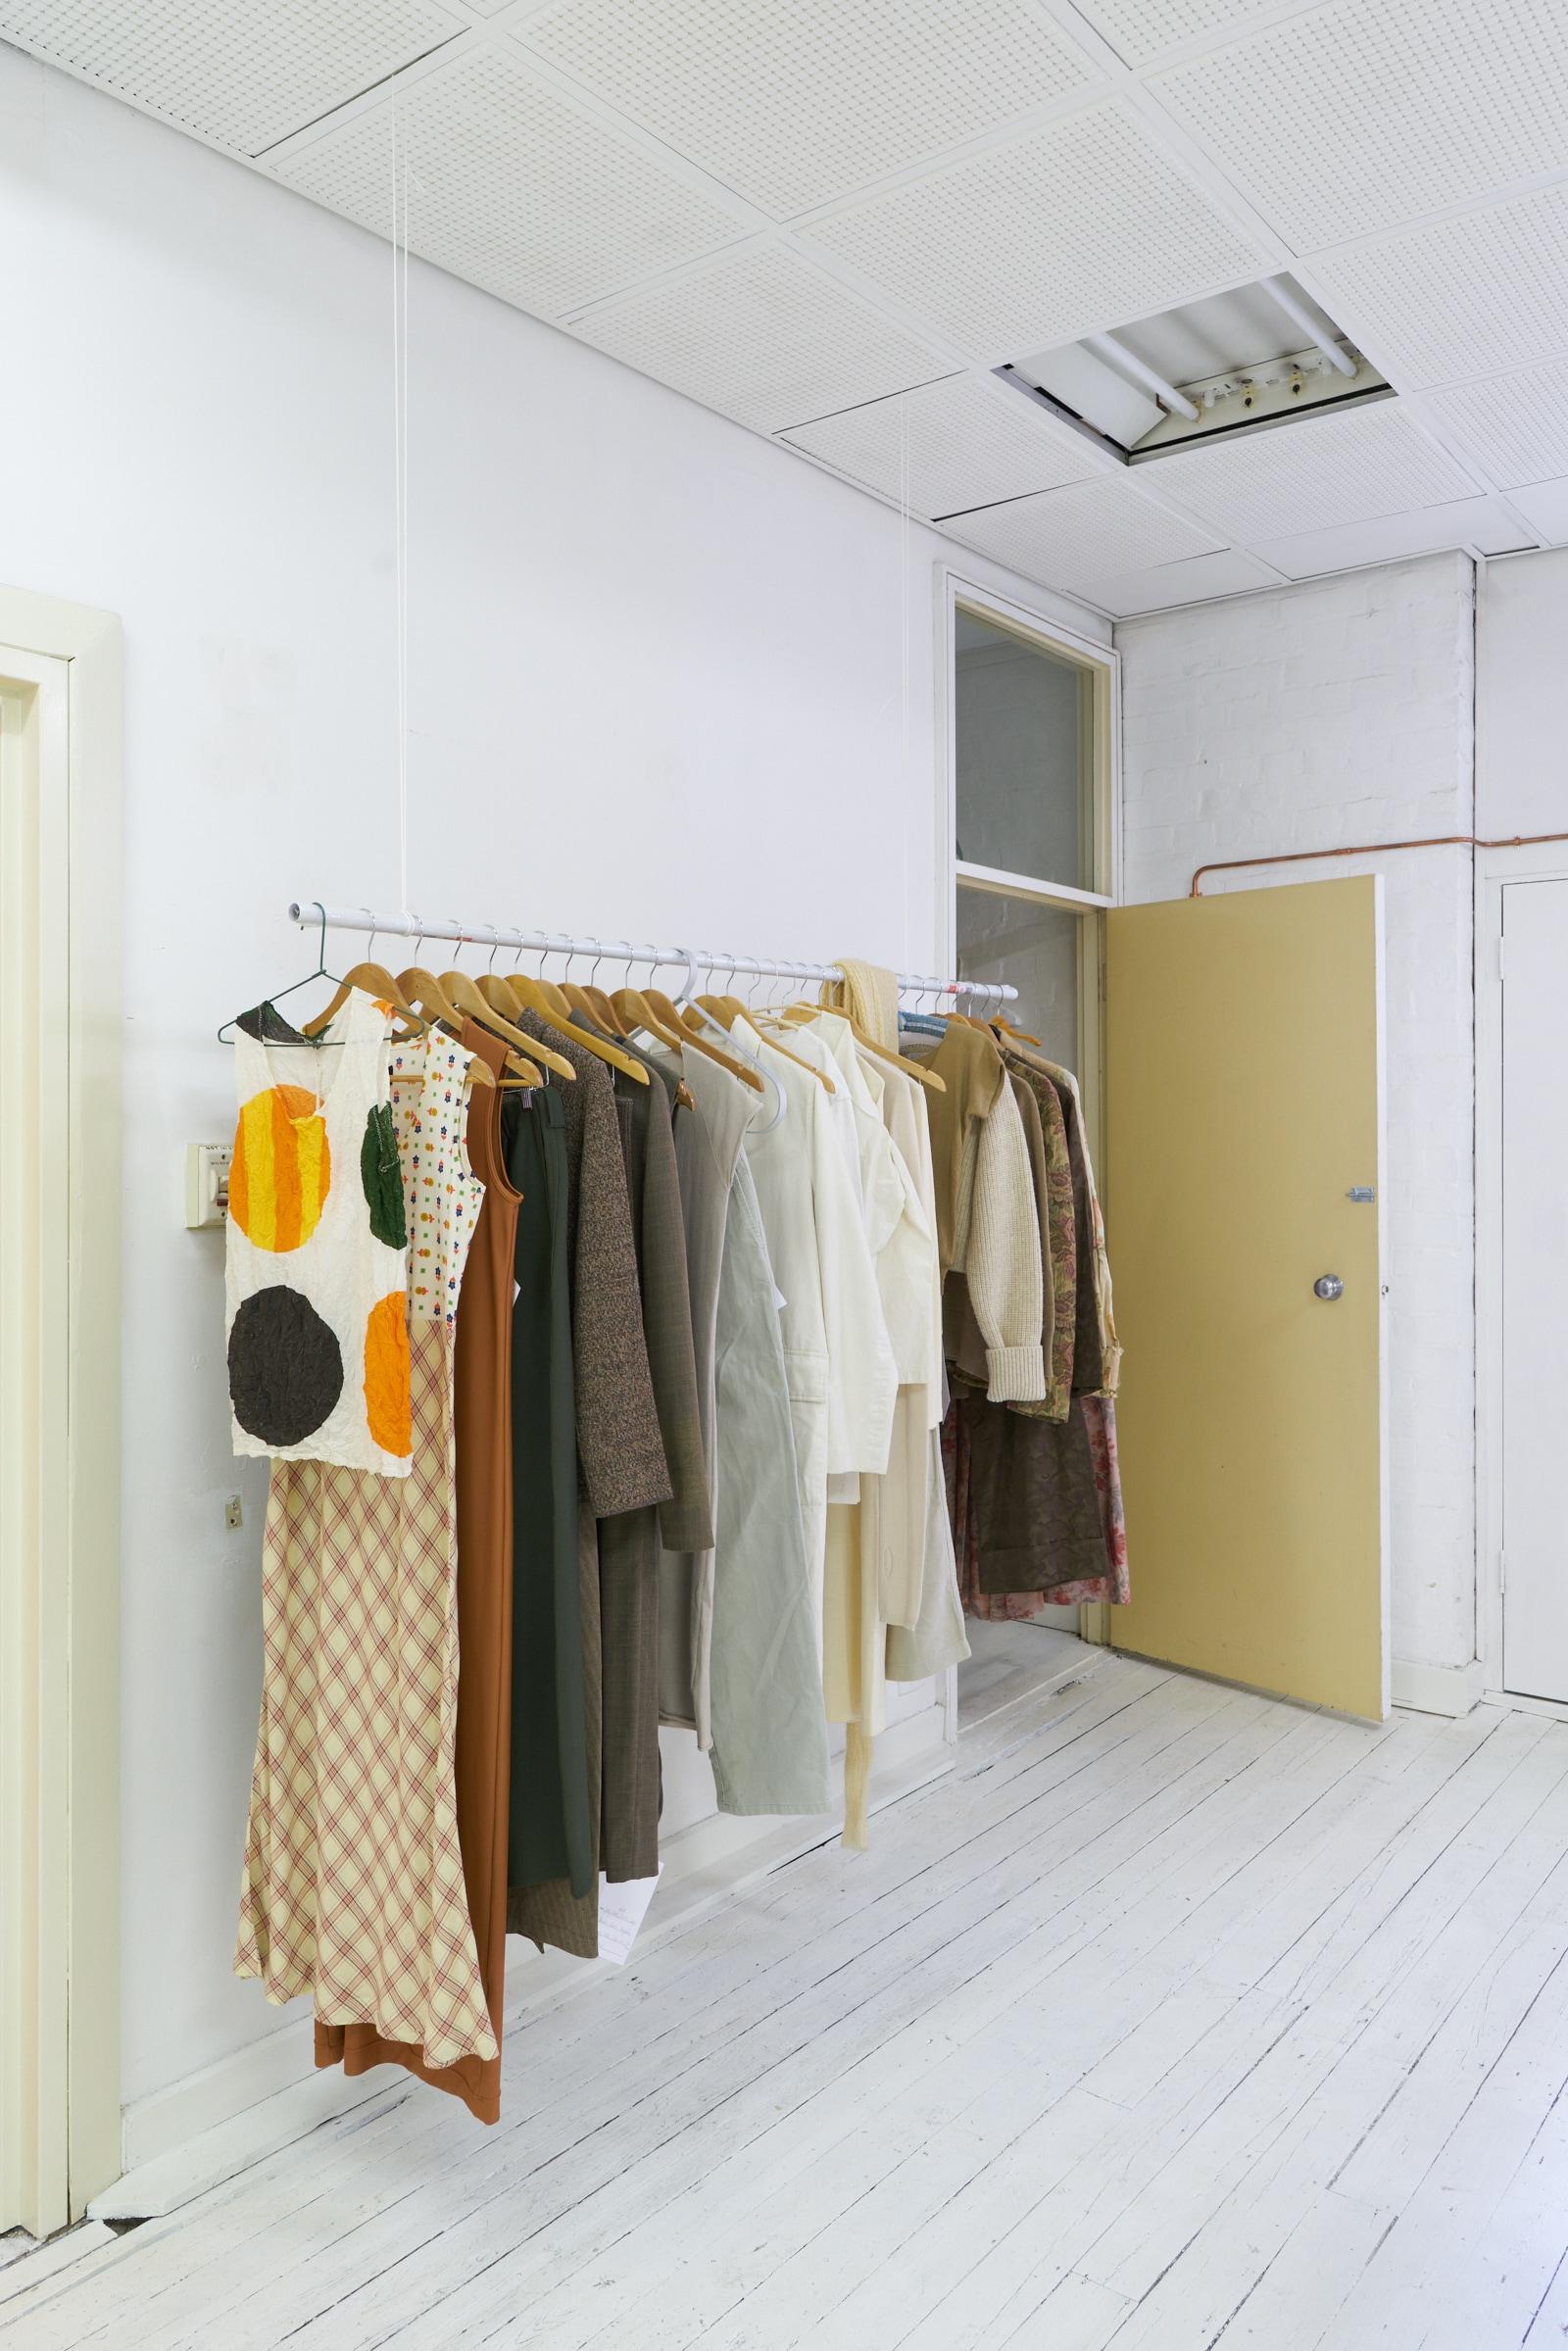 A flat shop_hangers install_11.jpg